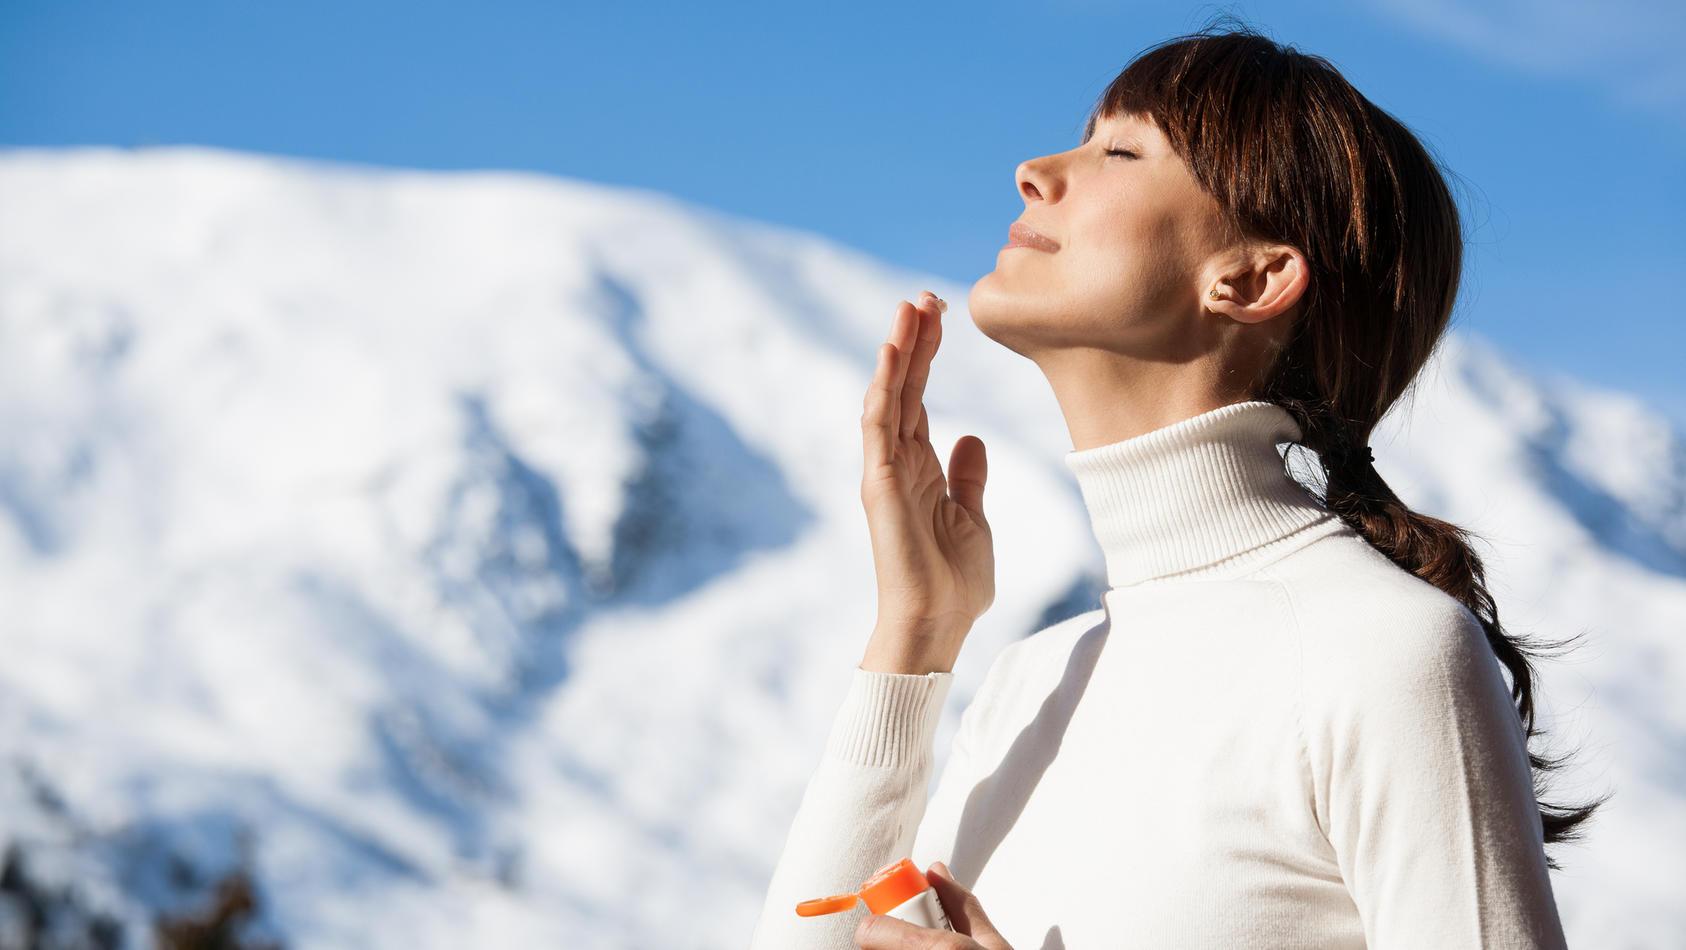 Sonnenschutz ist auch im Winter ein Muss. Wer die Sonnenstrahlen in der kalten Jahreszeit genießen will, muss die Haut pflegen.